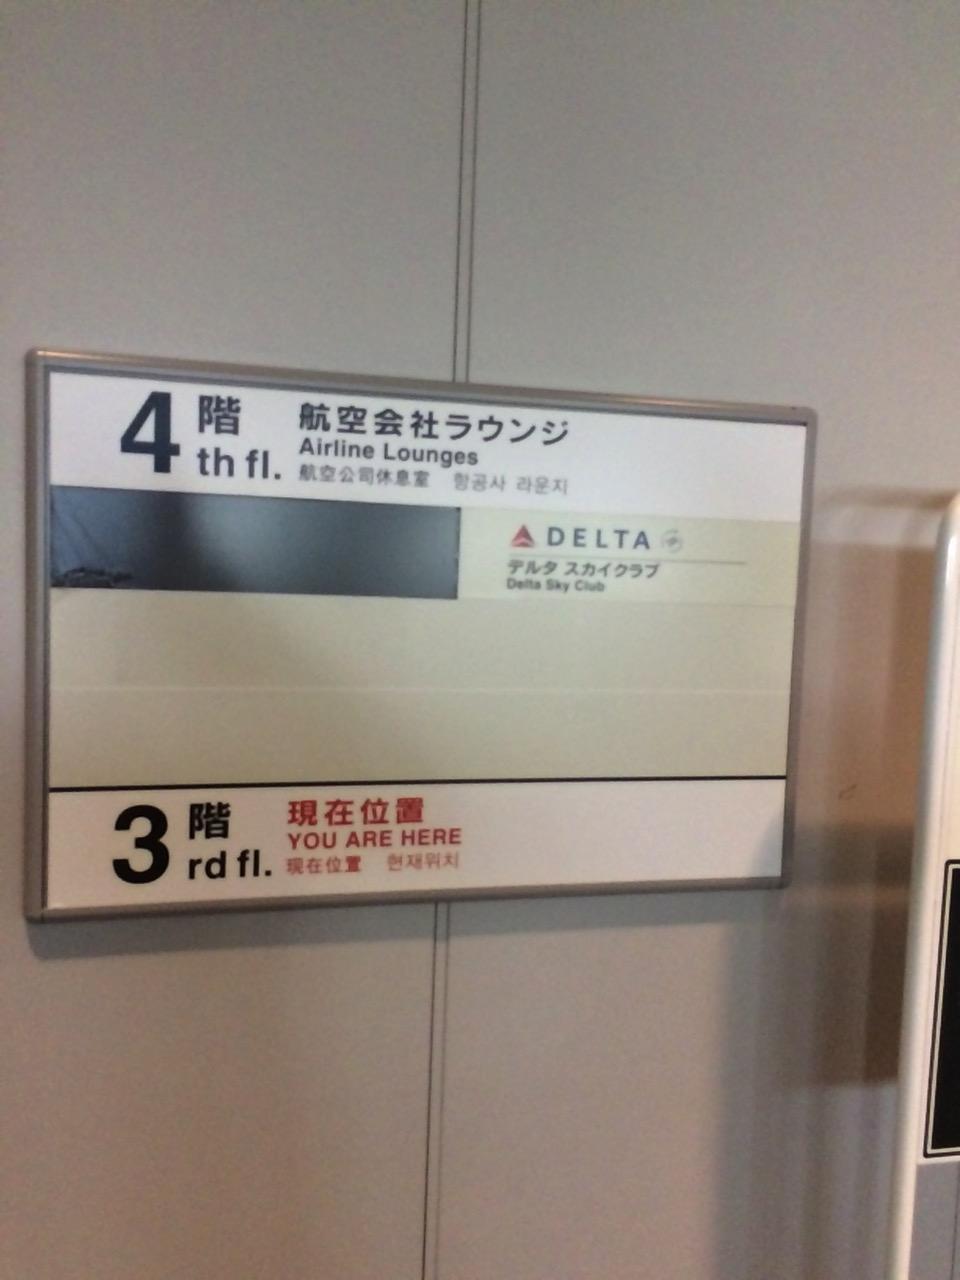 成田国際空港 デルタスカイクラブラウンジ